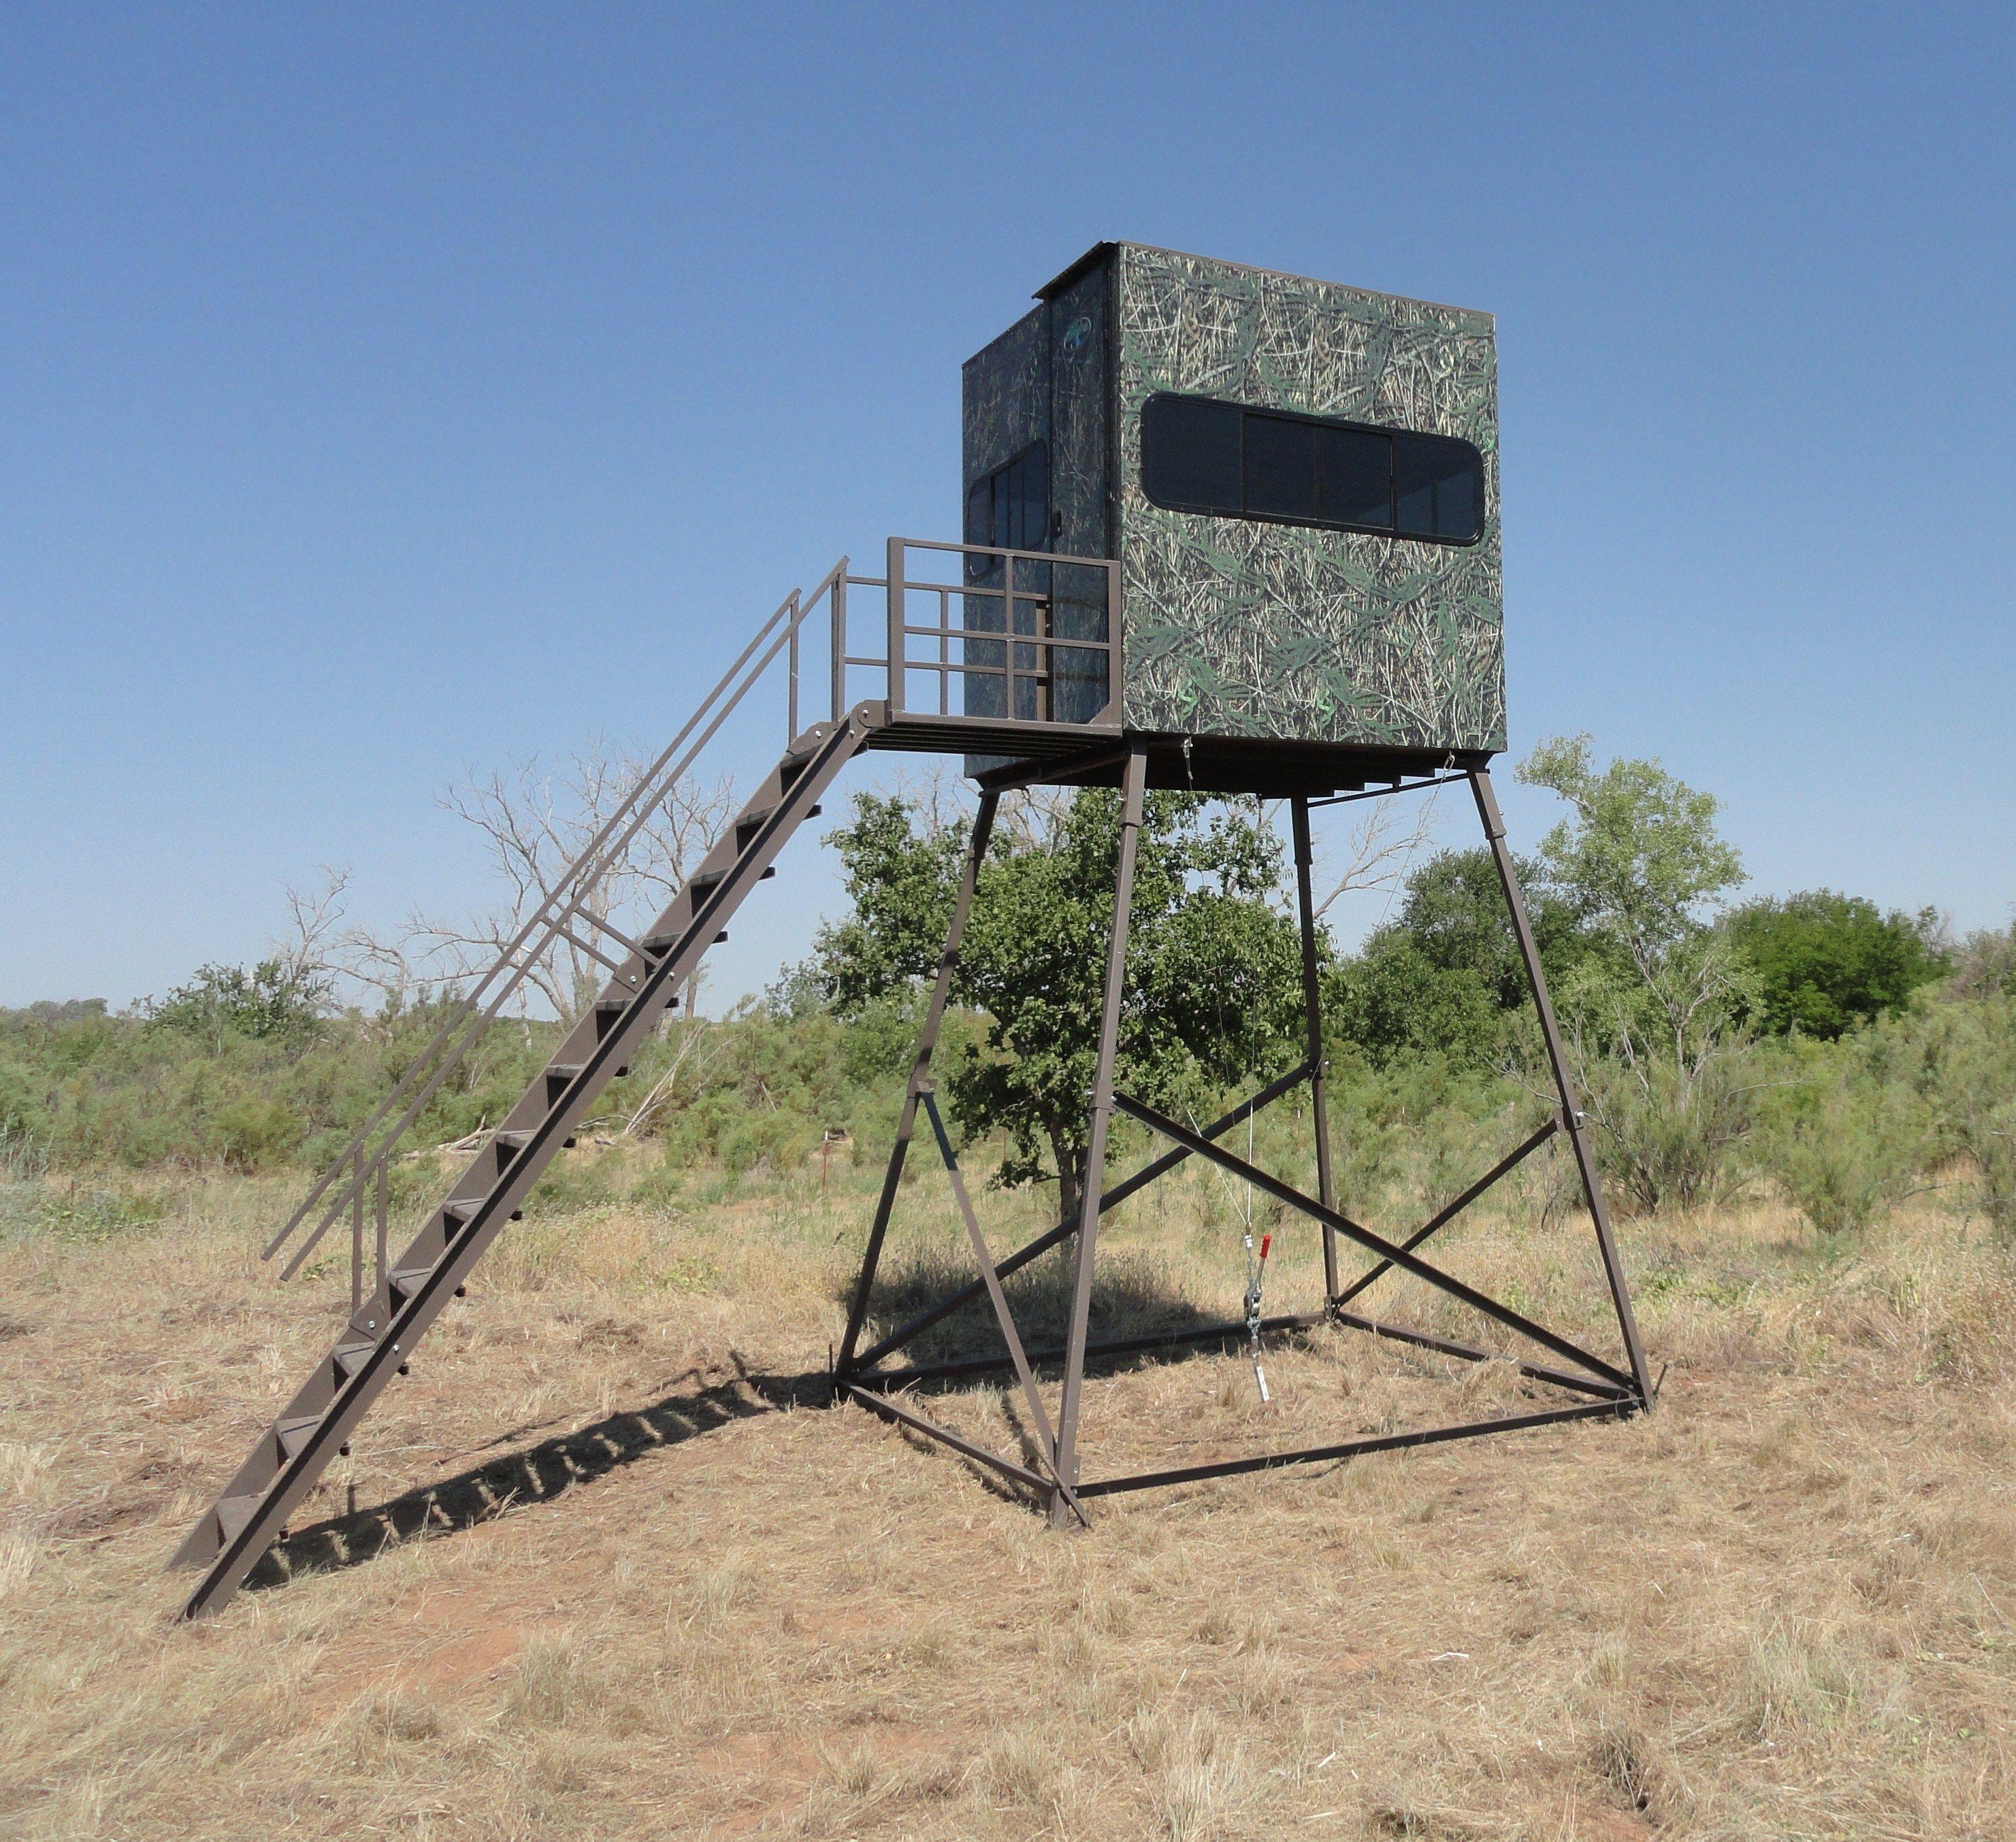 Bittercreek 6x6 Hunting Blind On 10 Tower Deer Hunting Blinds Deer Blind Hunting Blinds